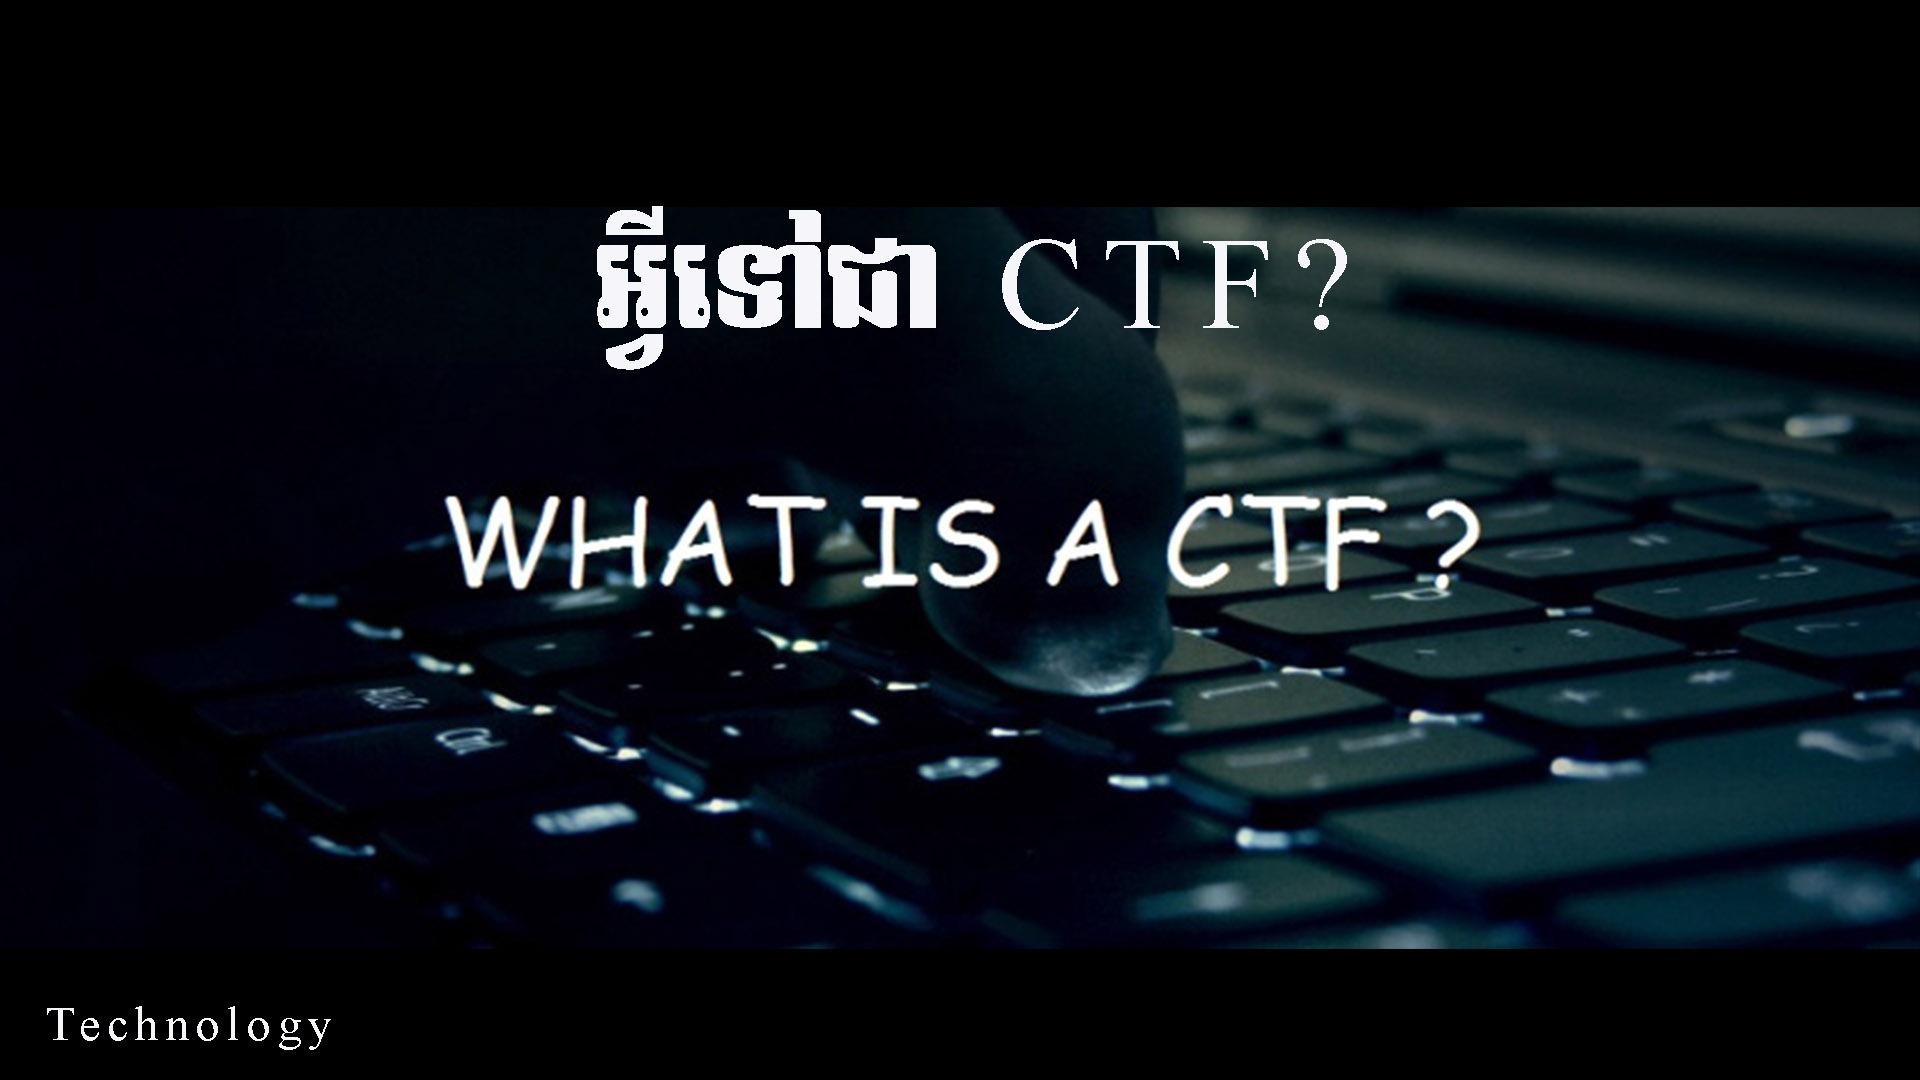 តើអ្វីទៅជាការប្រកួត CTF (Capture The Flag)